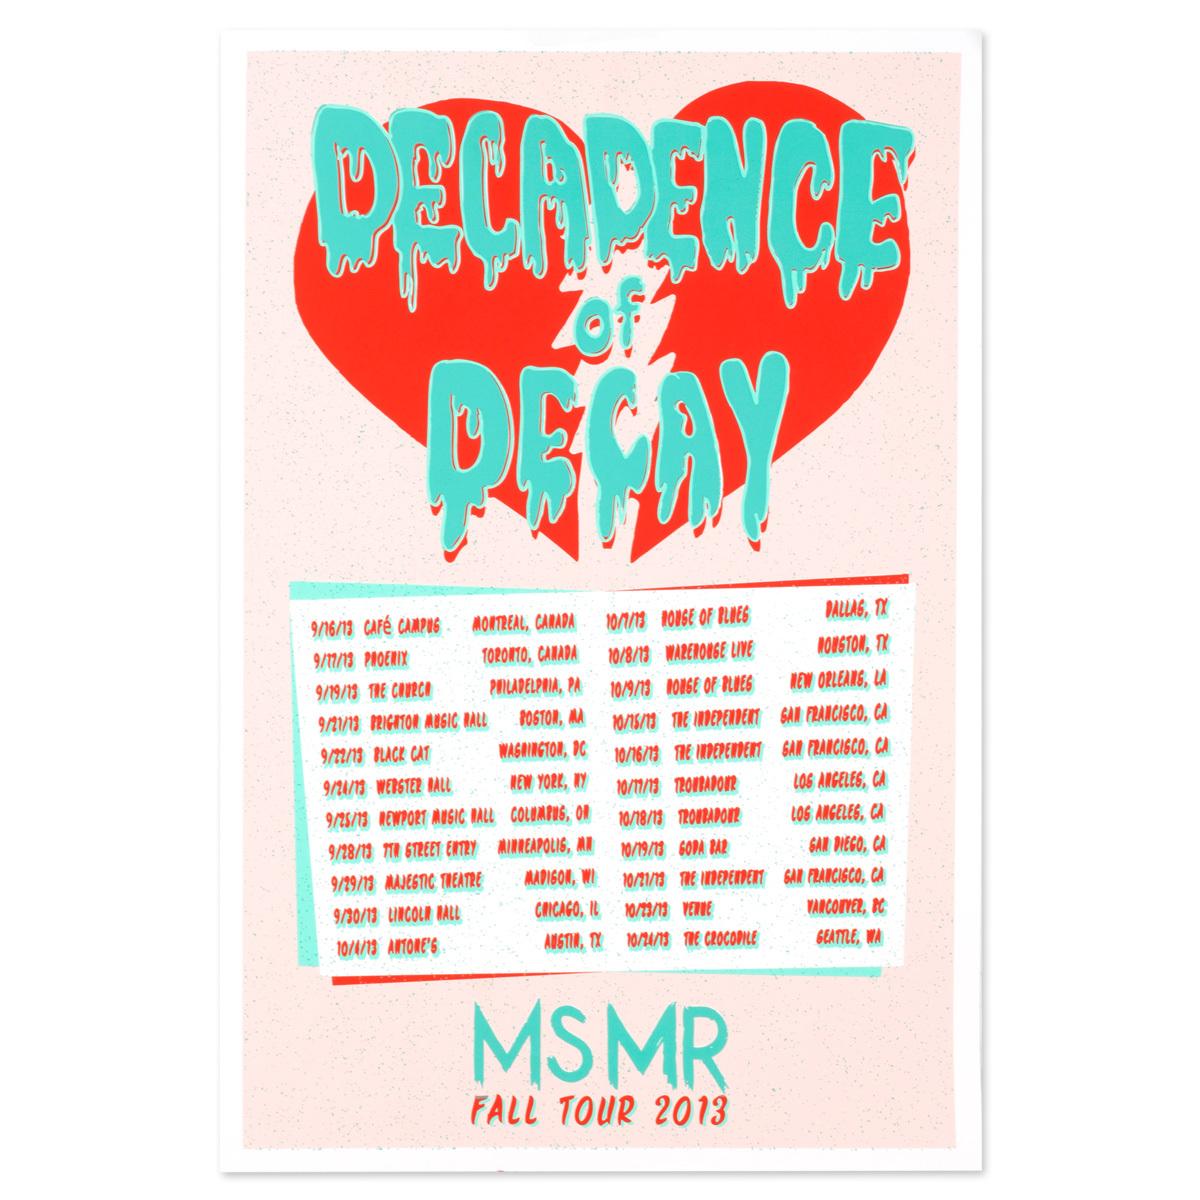 MsMr Poster MsMr Fall Tour 2013